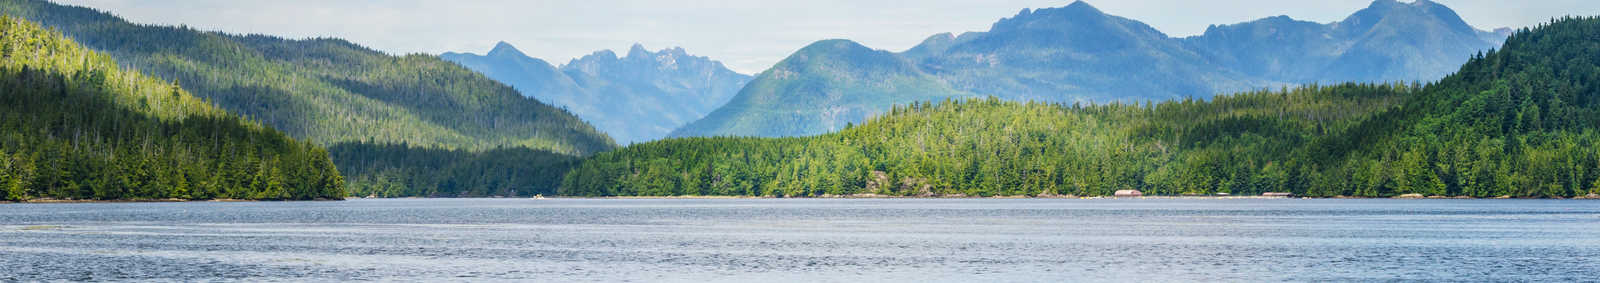 The landscape near Tofino, Vancouver Island